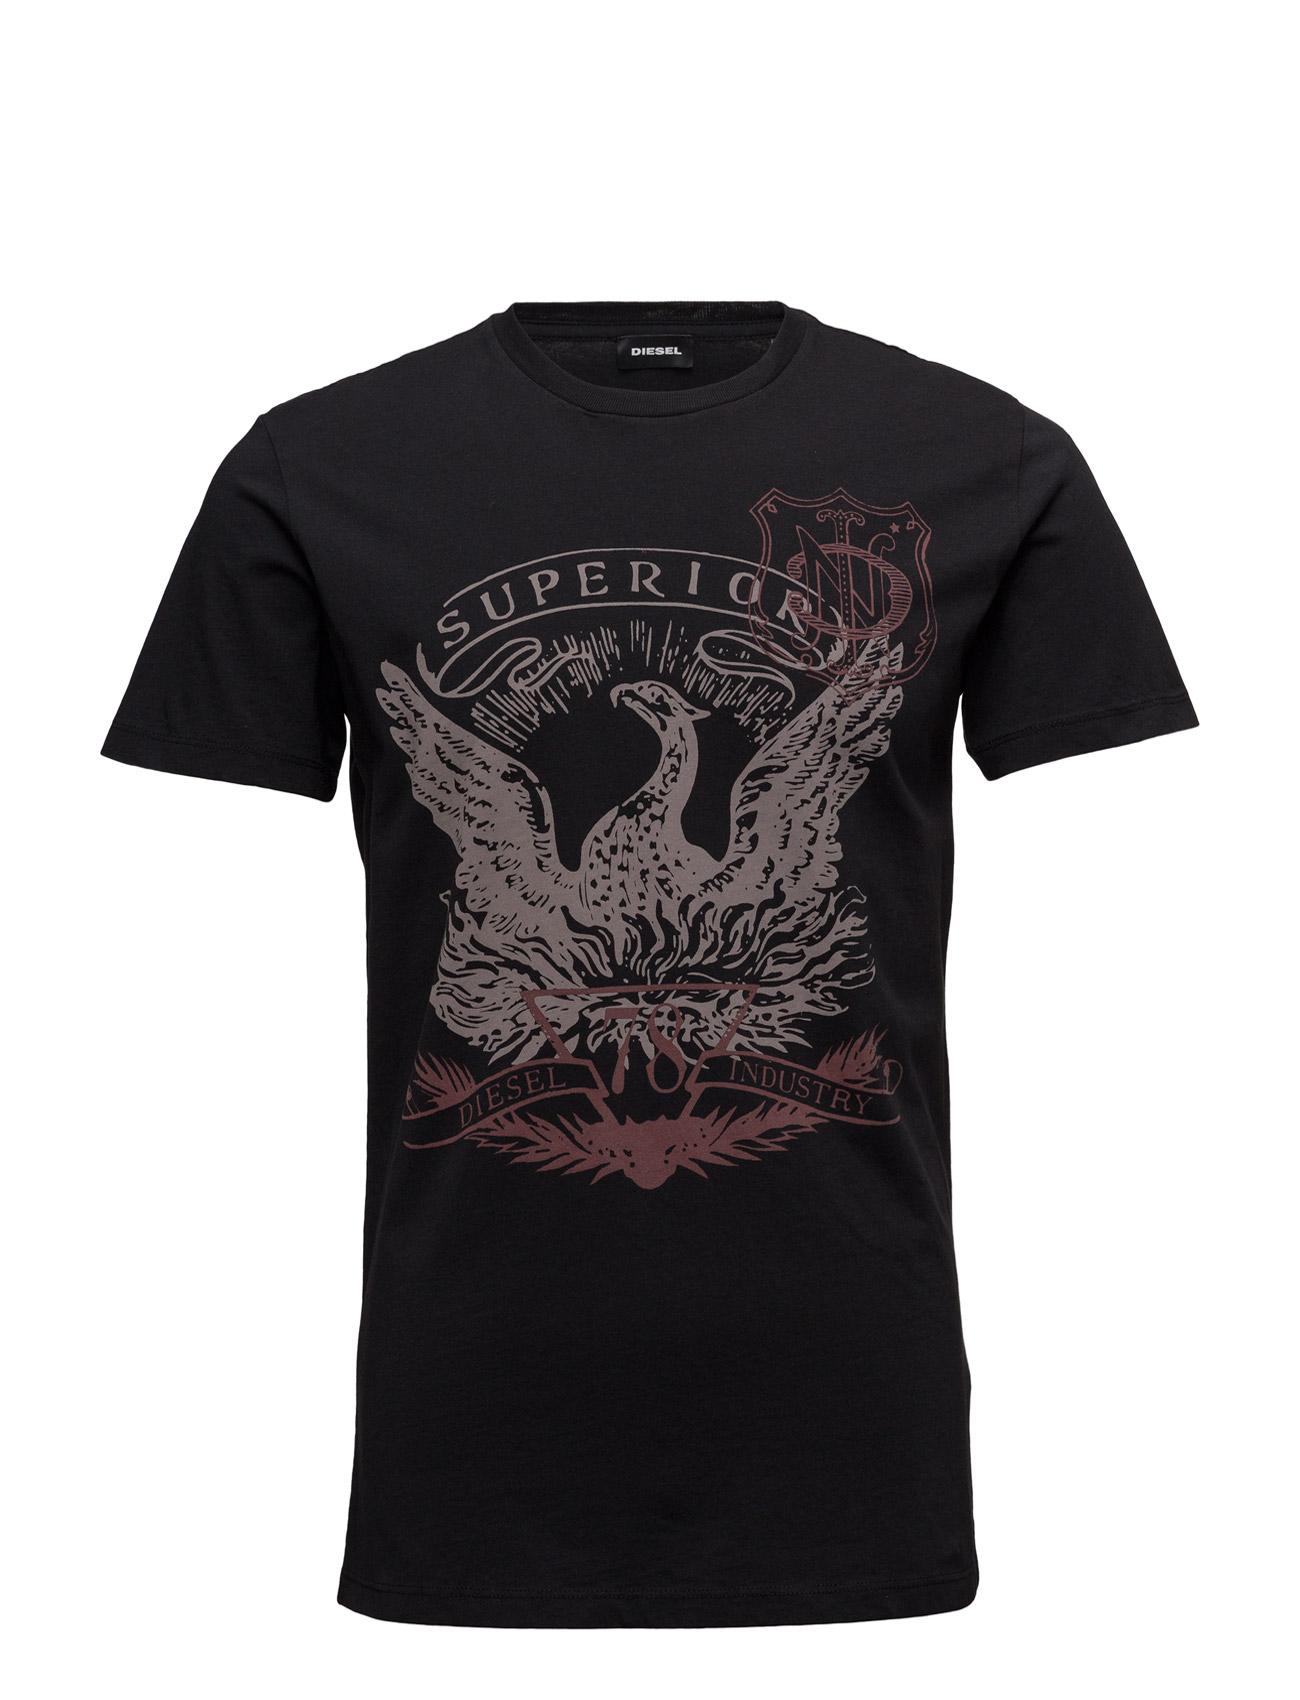 T-Diego-Mz T-Shirt Diesel Men Kortærmede til Mænd i Sort